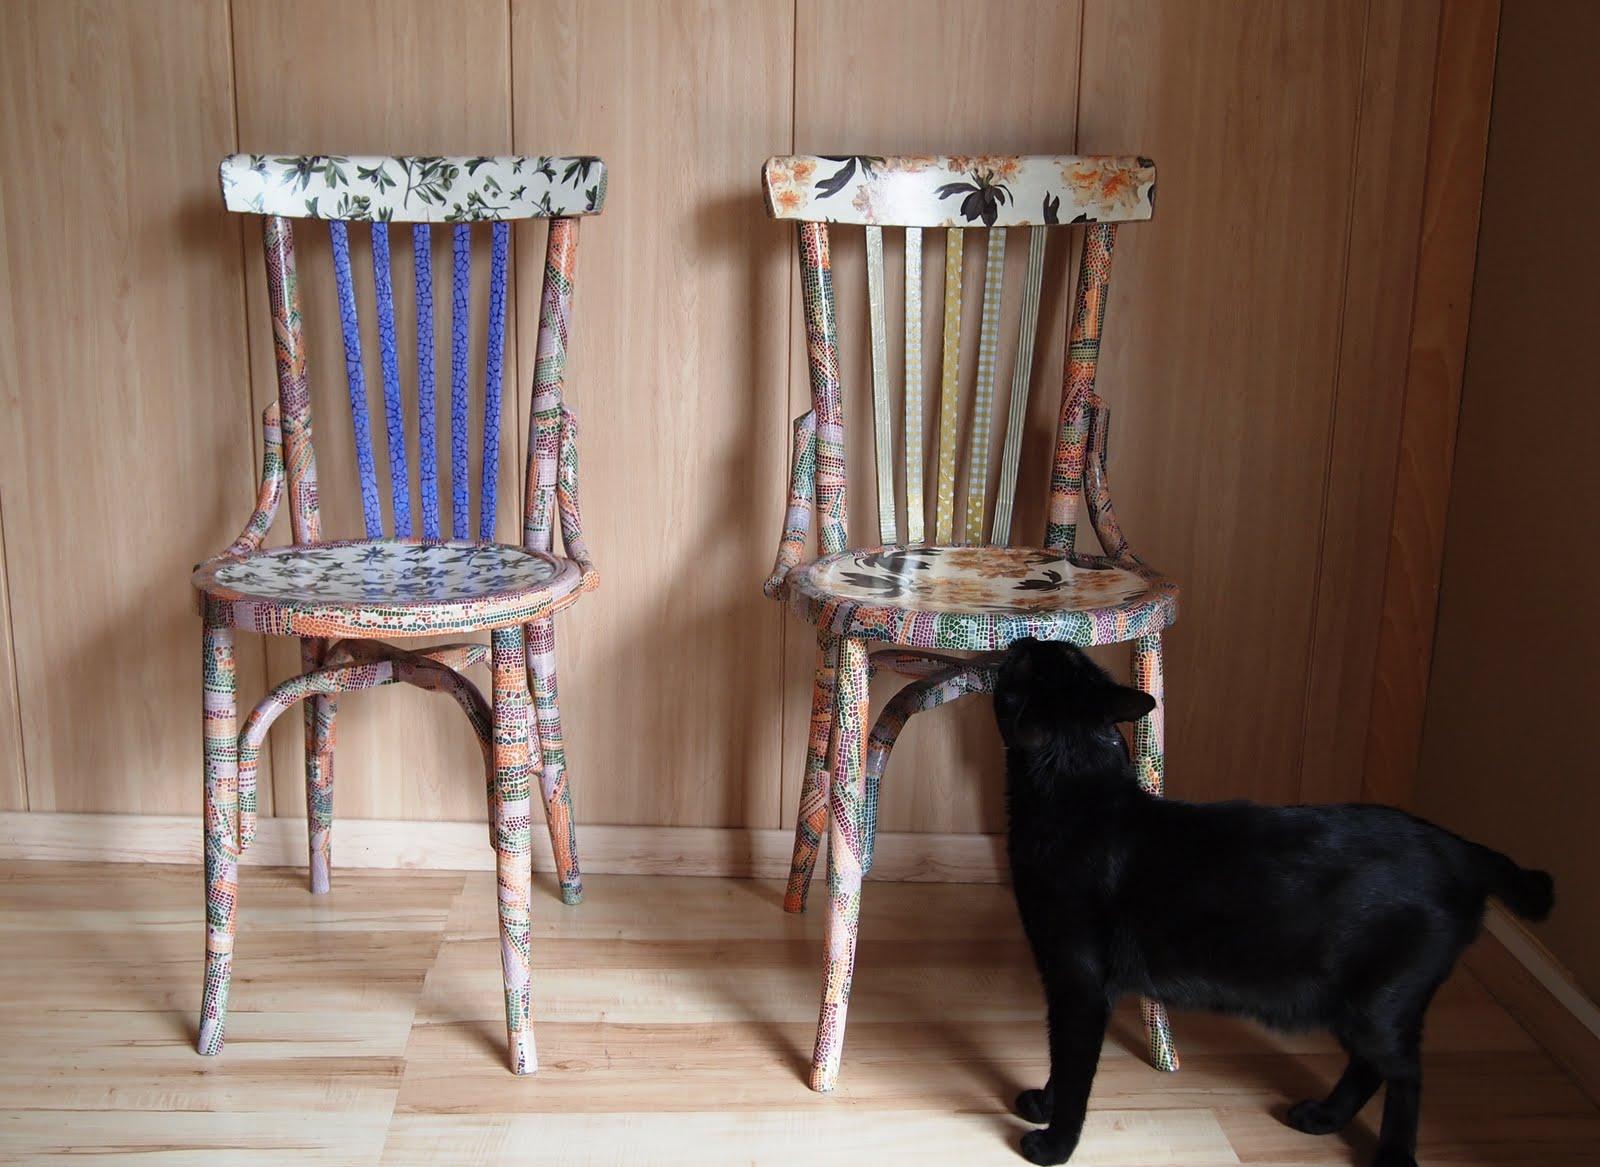 El placer del hacer sillas decoupage - Sillas de plastico ikea ...